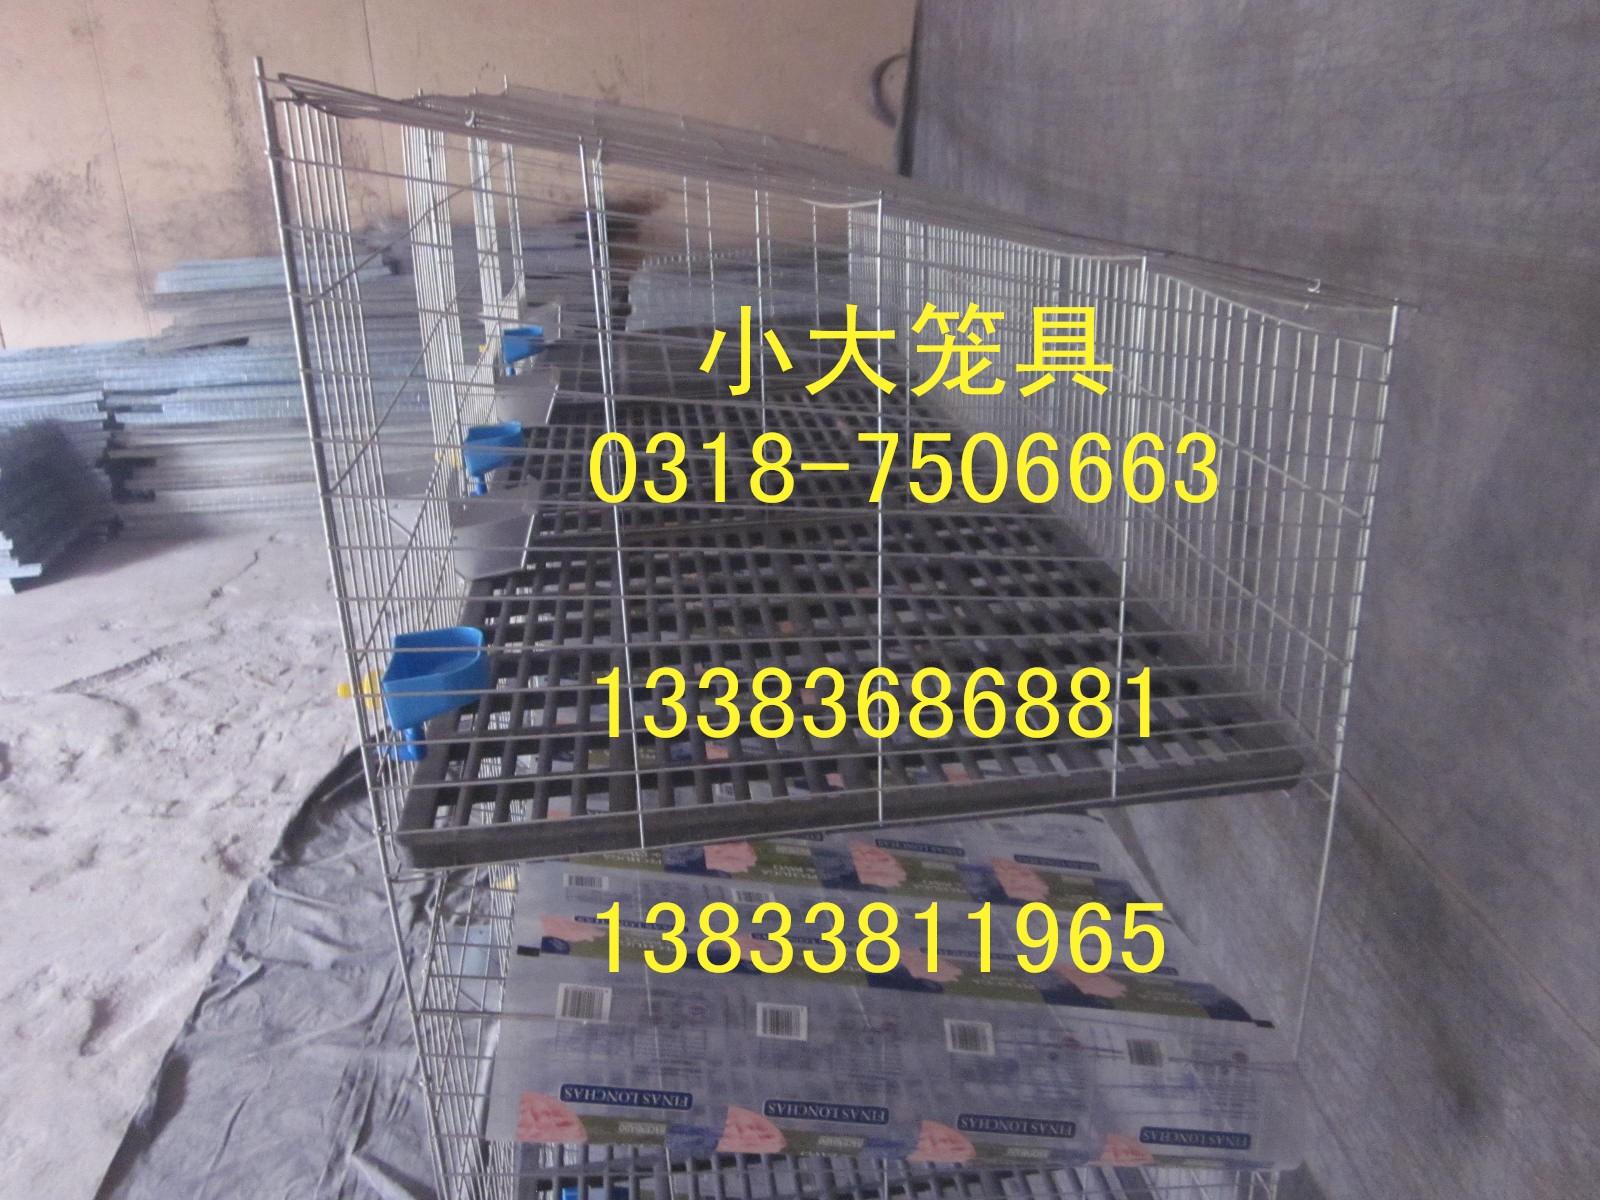 出售鸡鸽兔笼 兔子笼 鸽子笼 鹧鸪笼